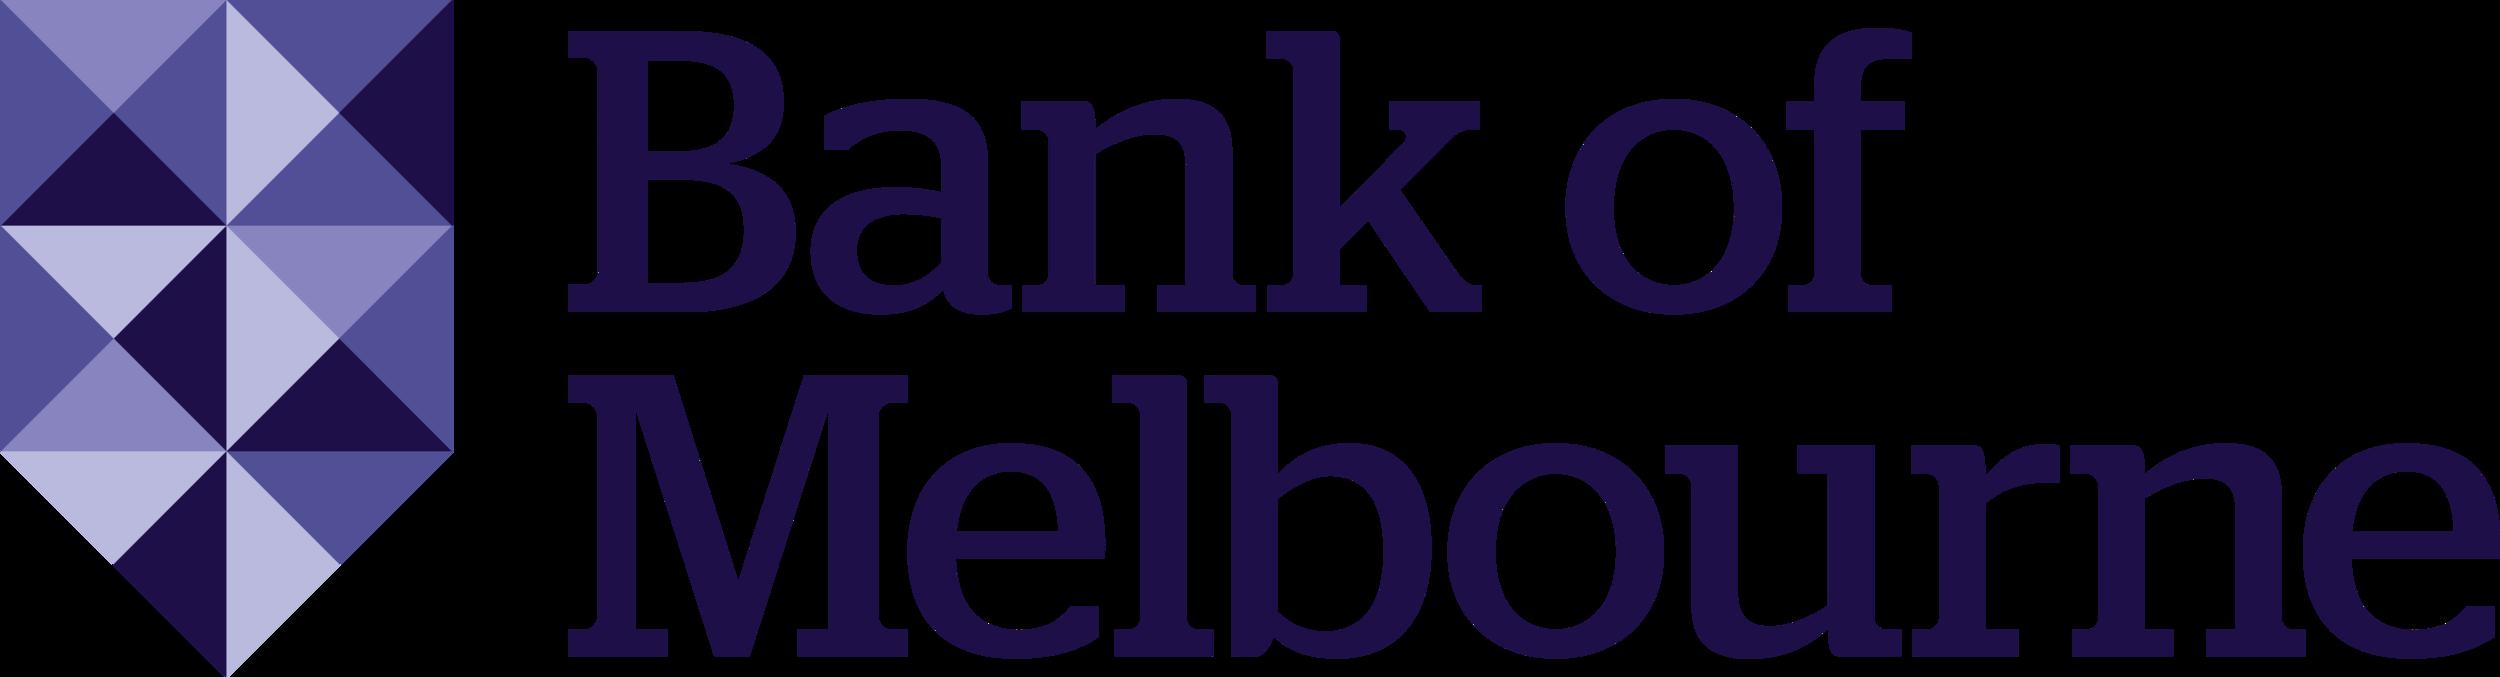 1.Bank_of_Melbourne_logo.png